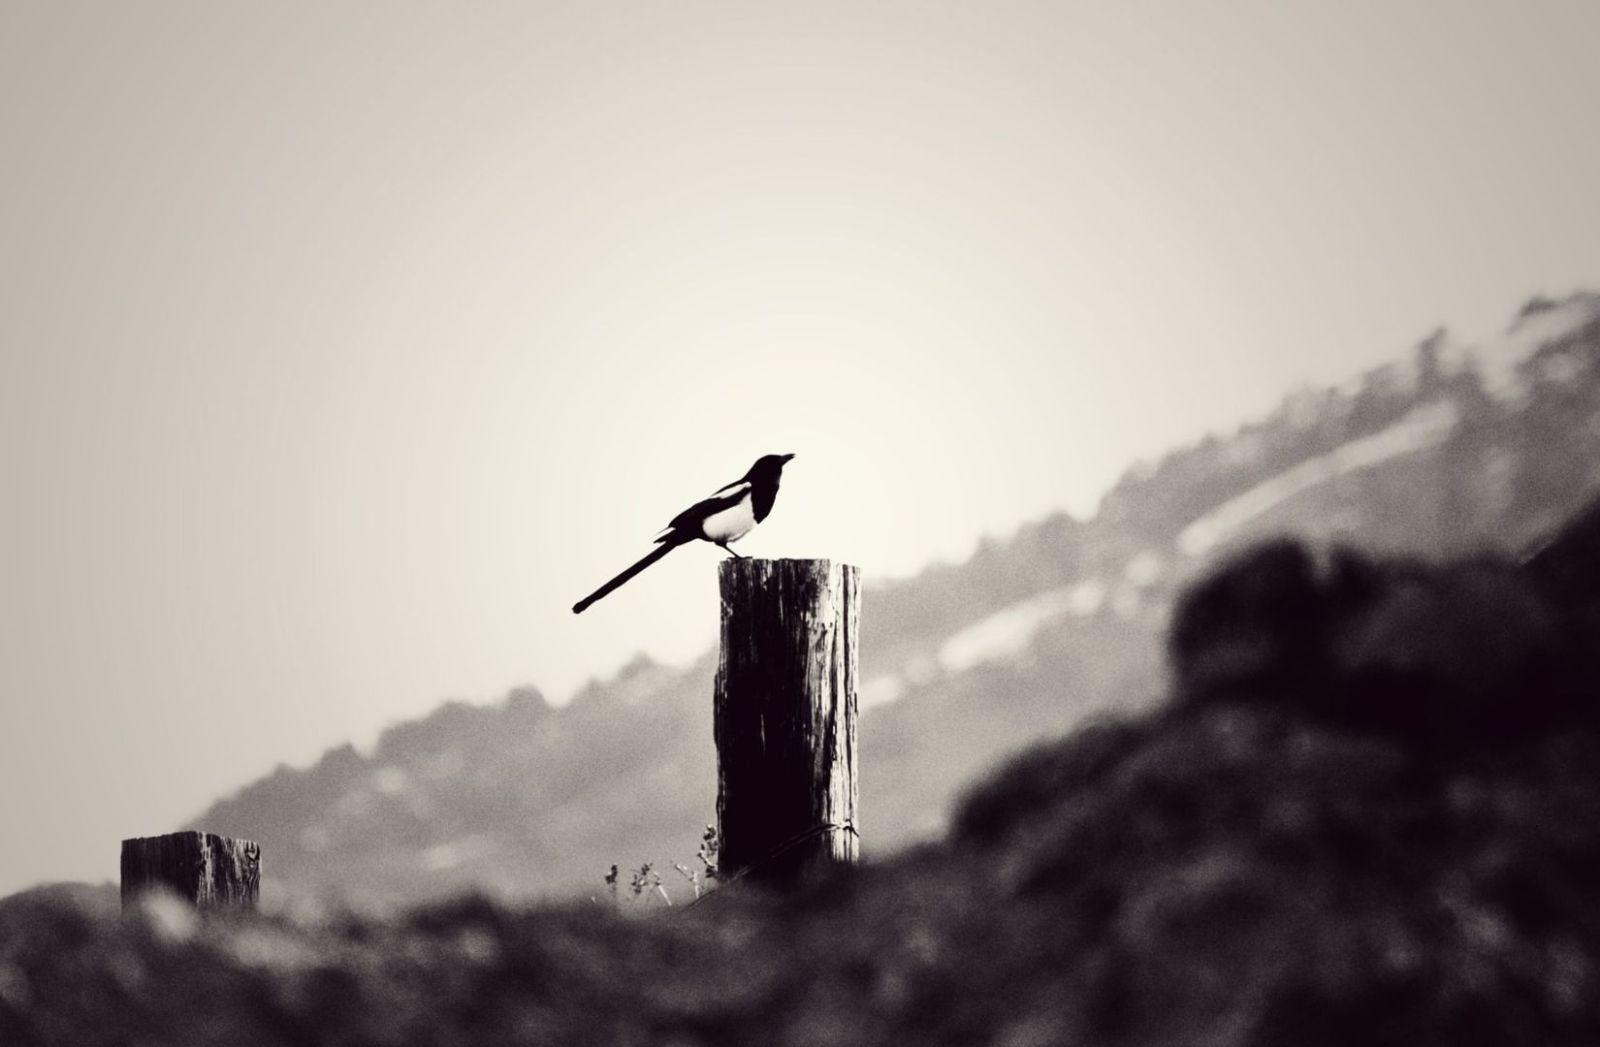 Der letzte Mensch hat keine Flügel wie eine Elster. (Foto Joshua Hoehne, Unsplash.com)